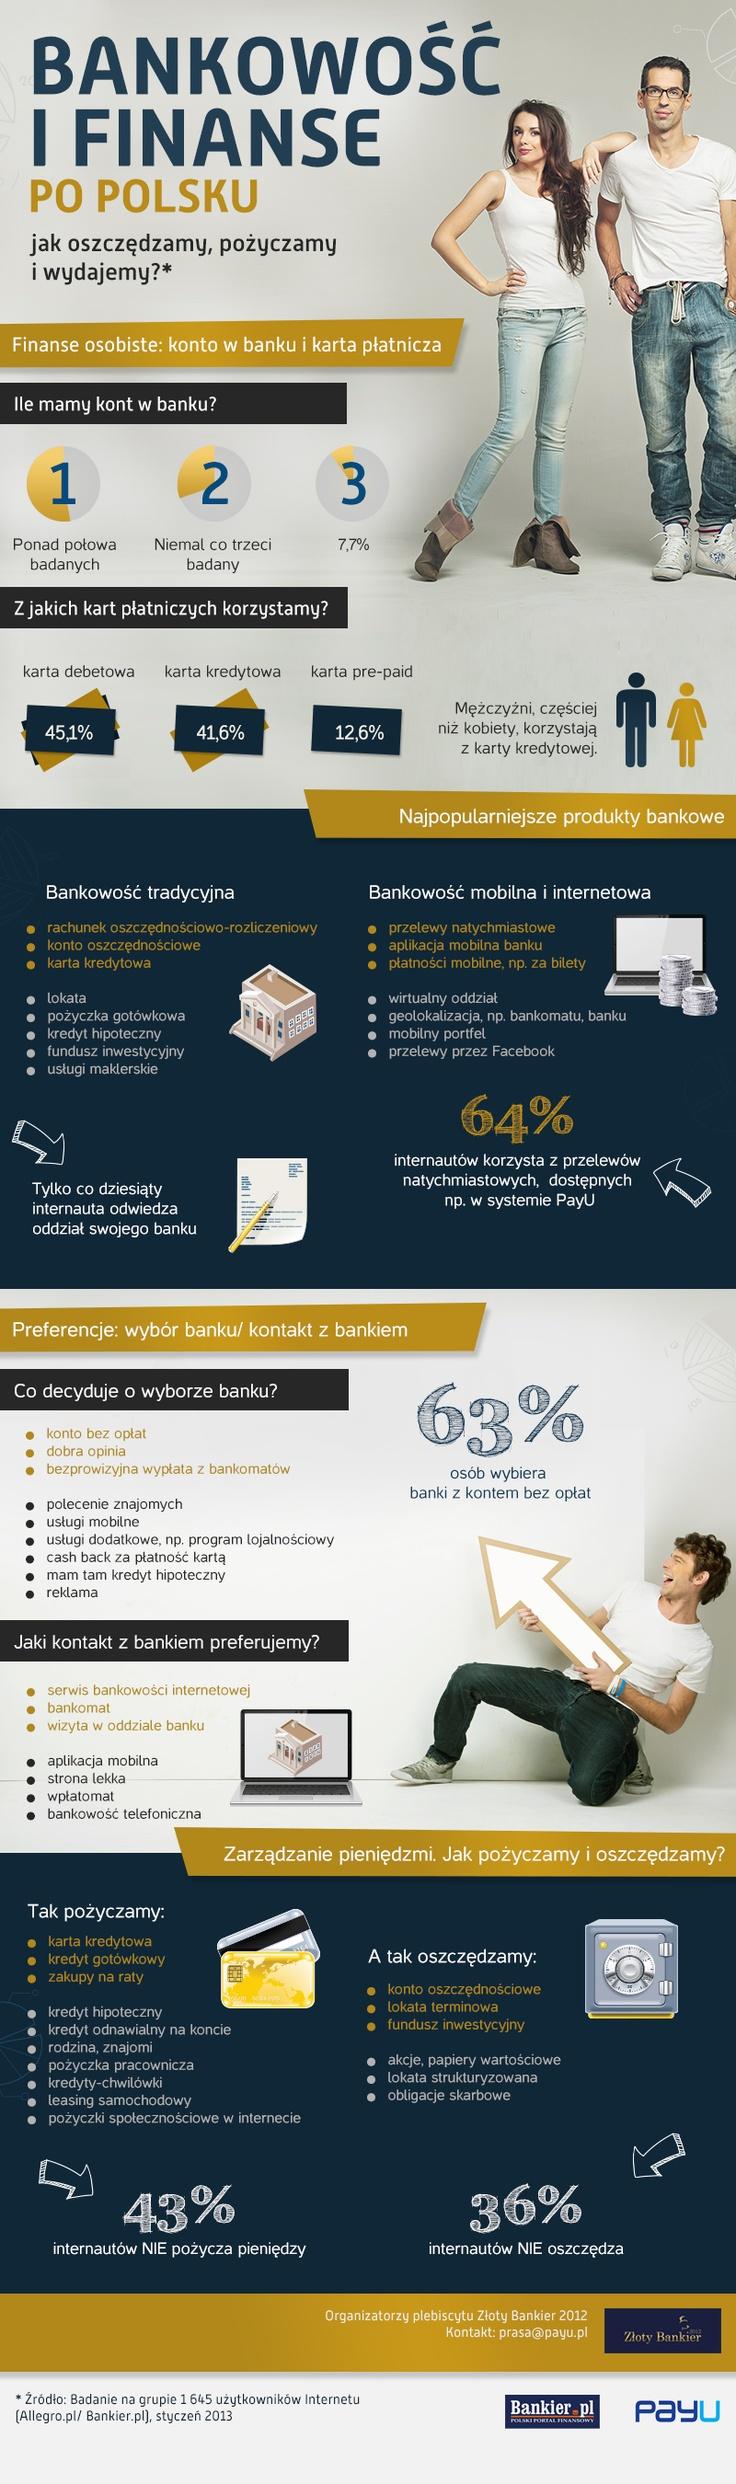 Bankowość i finanse po polsku